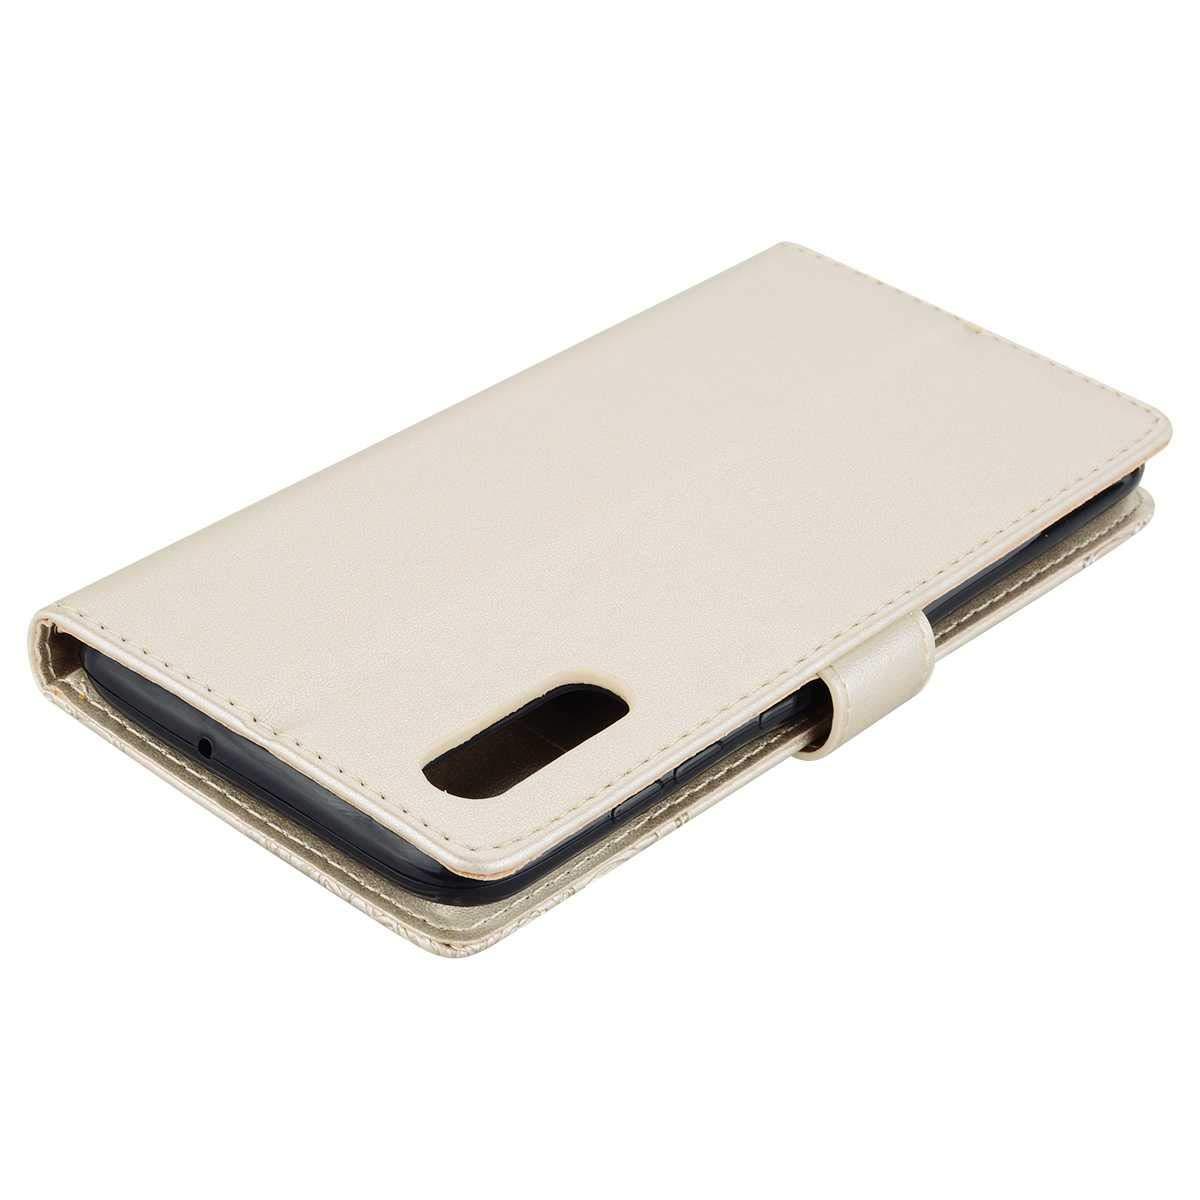 Geldfach und Kartenfach Brieftasche Leder Schutzh/ülle mit Handschlaufe Gold Klapp St/änder H/ülle Bear Village/® H/ülle kompatibel mit Samsung Galaxy S9